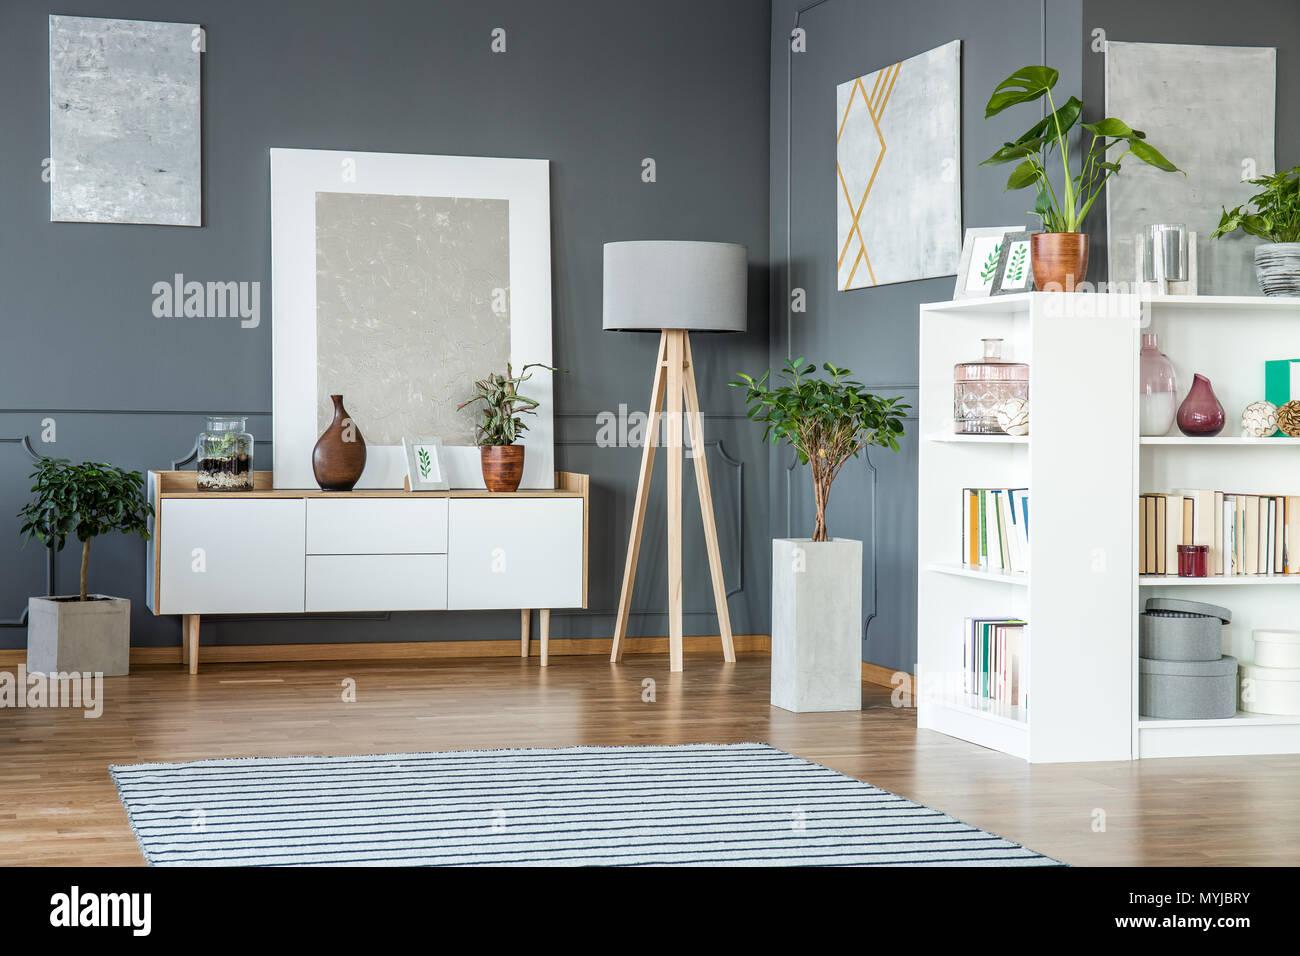 Weißen Schrank und Regale, Holz- Lampe und Gemälde auf die graue ...